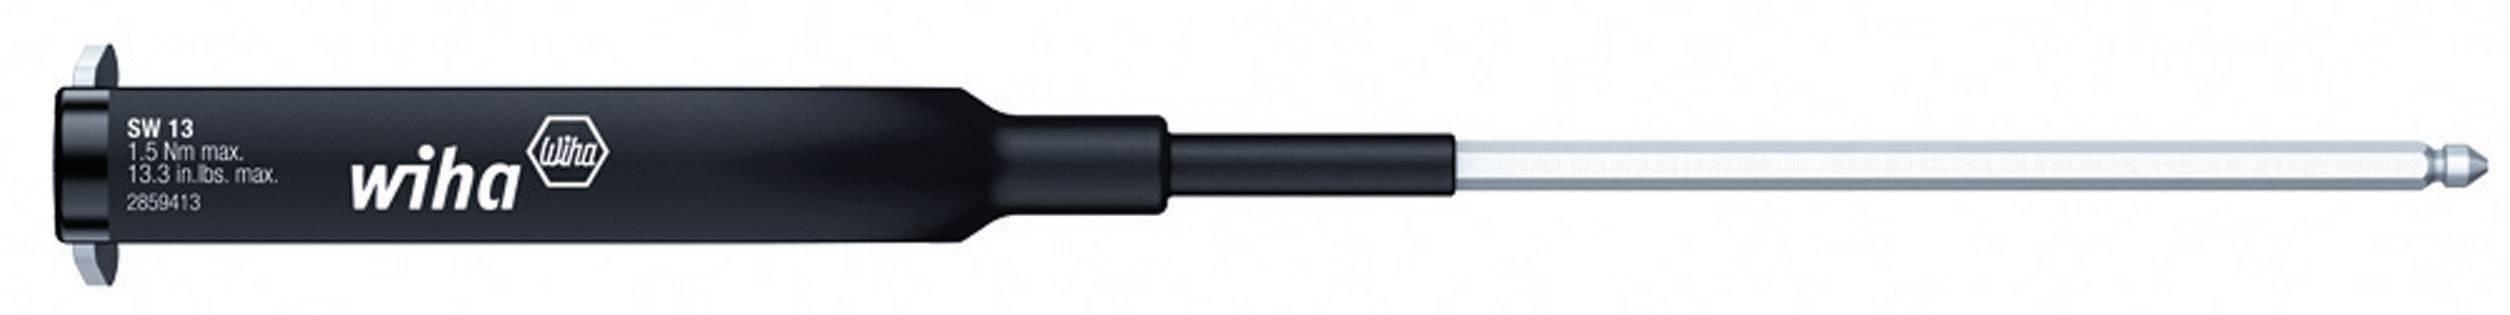 Bit momentového klíče pro kabelové konektory Wiha SW 17